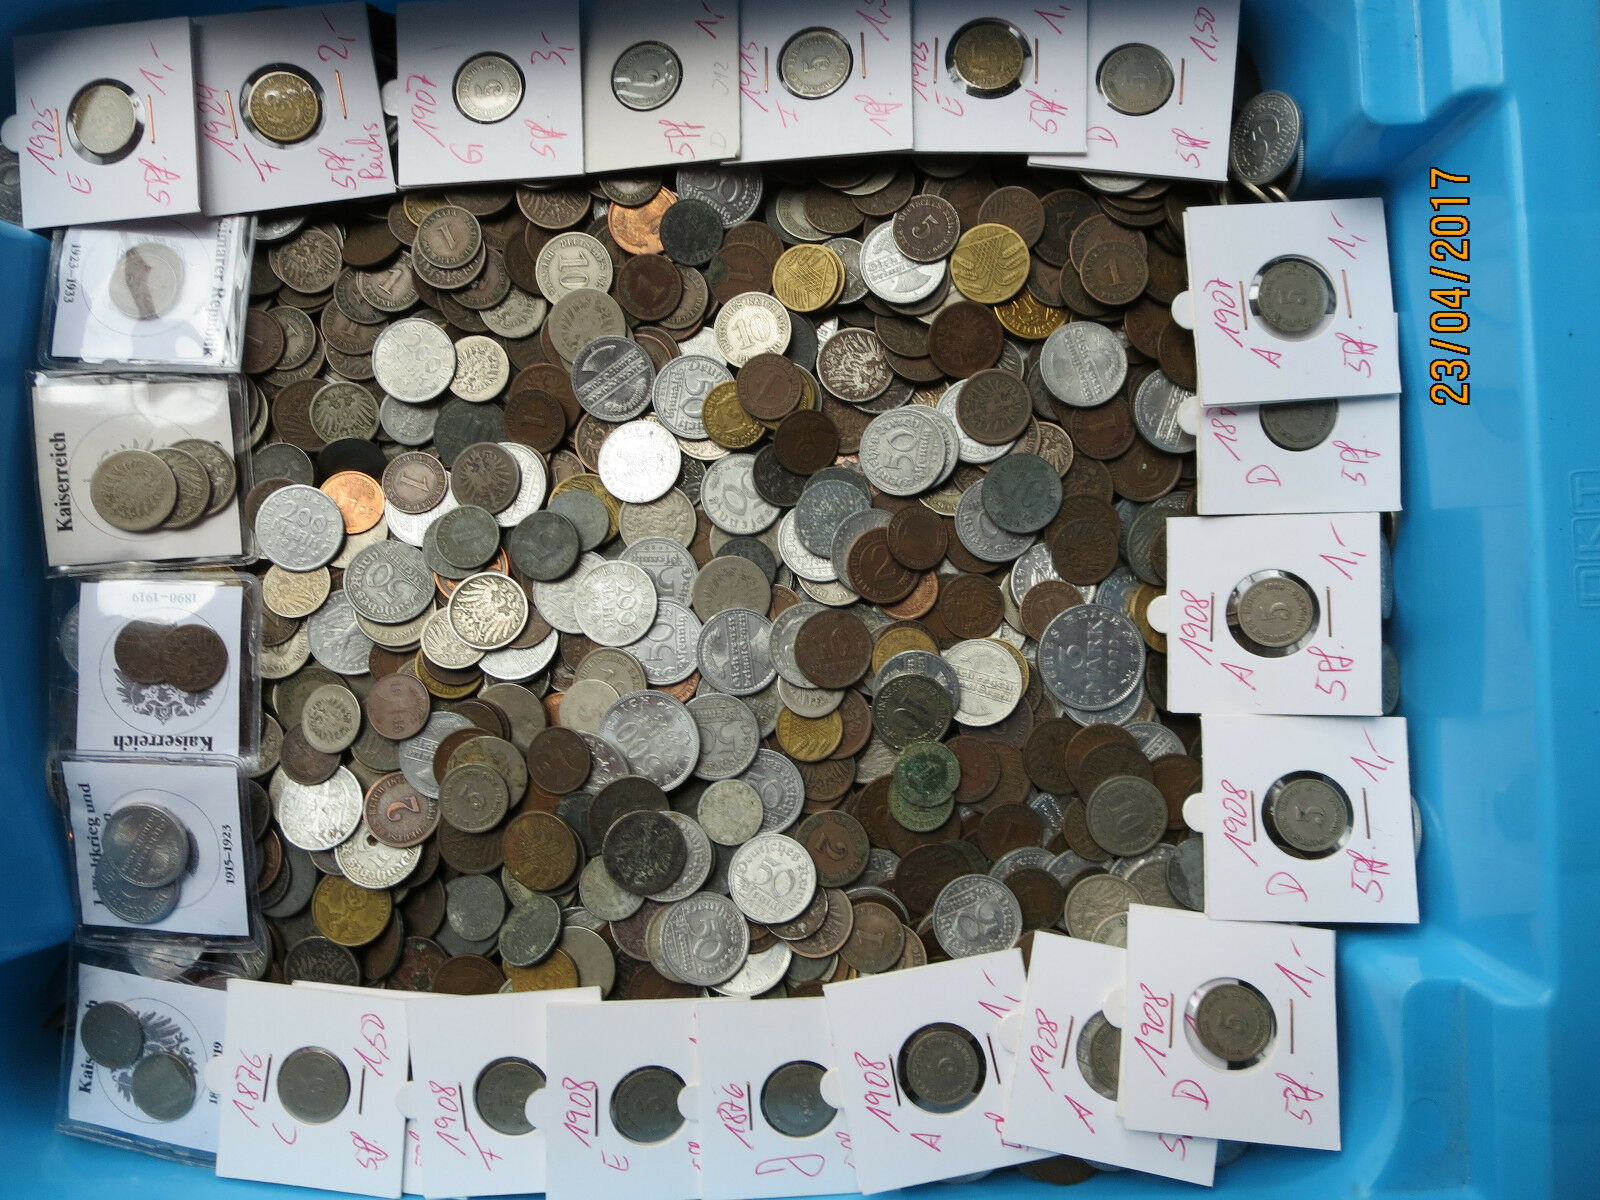 1 Kg Münzen Deutsches Reich, Weimarer Republik, Kaiserreich - Kilo - Kilogramm